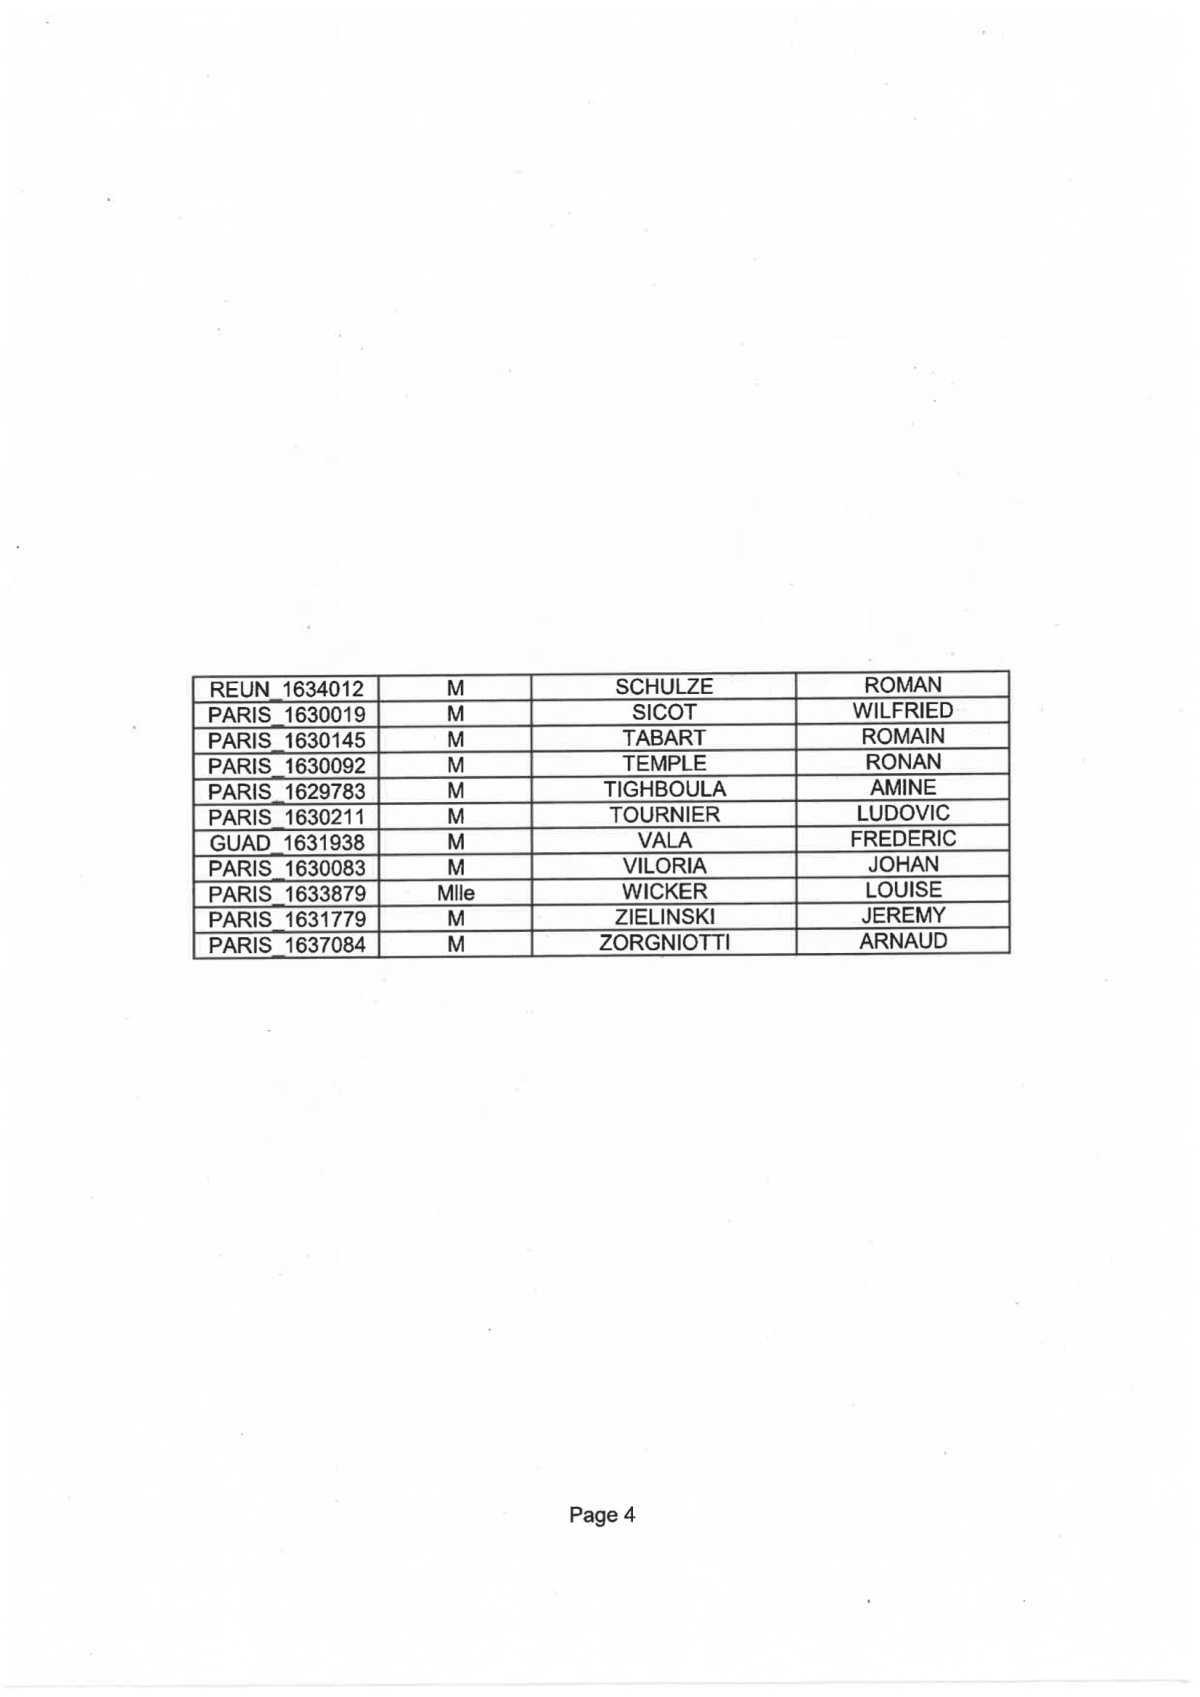 Liste des candidats admis concours externe lieutenant 1ère classe 2020